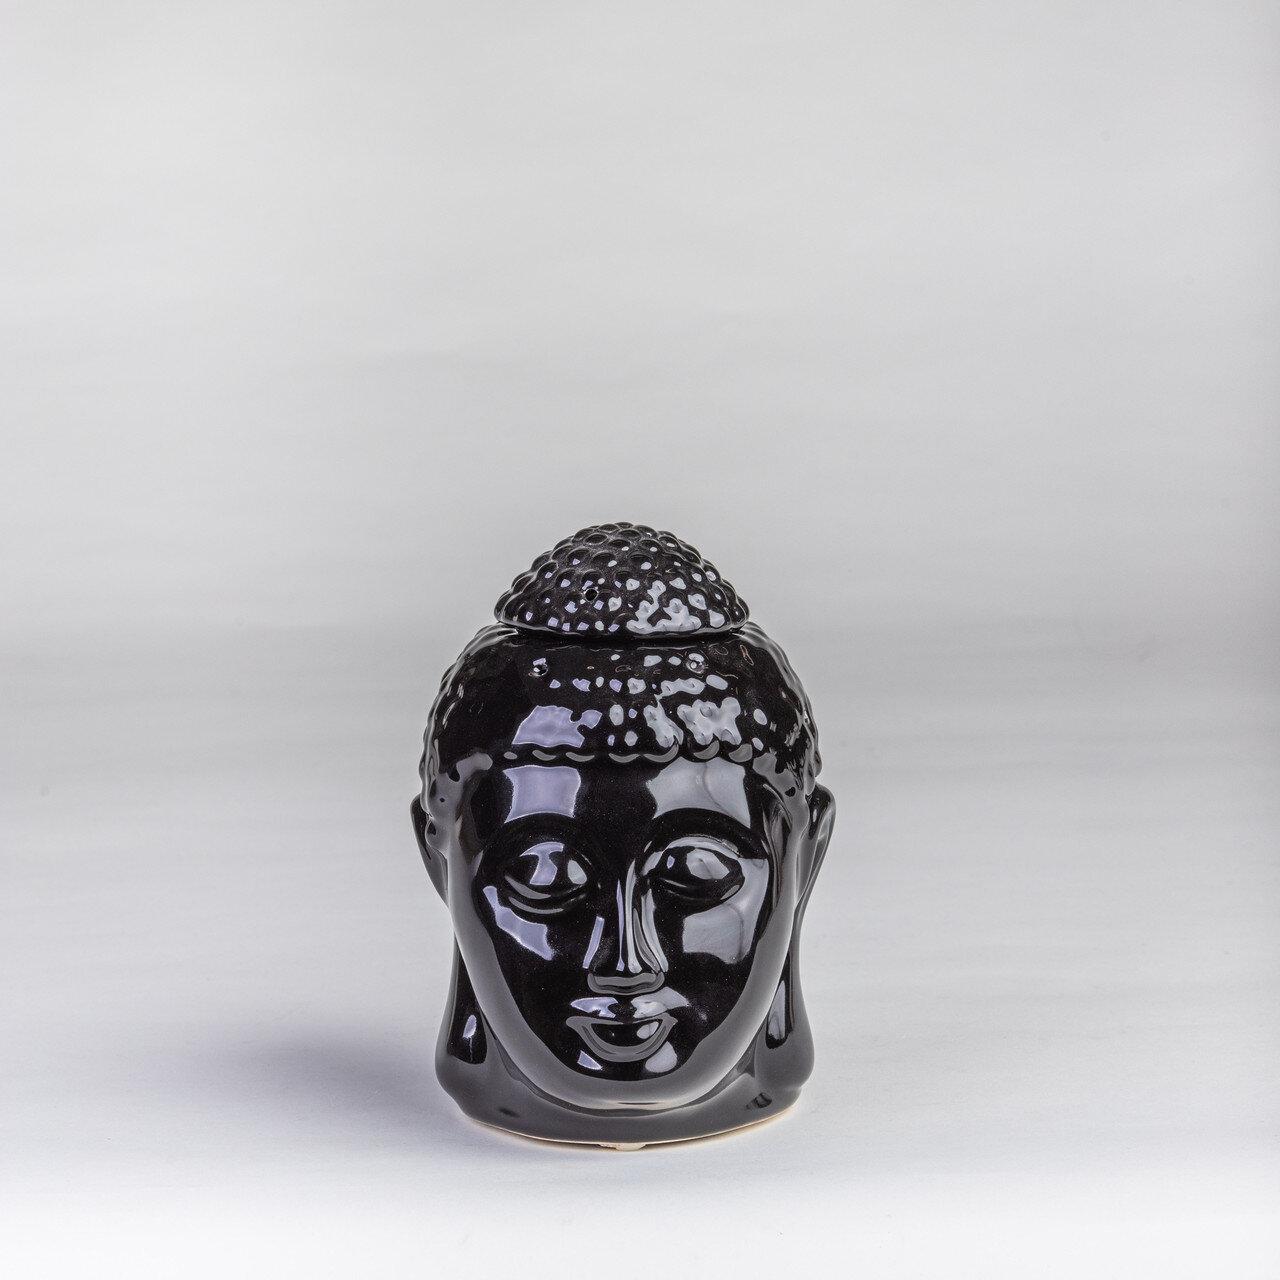 Аромалампа черная керамика 12.5*14*16 см 2305-16 черный